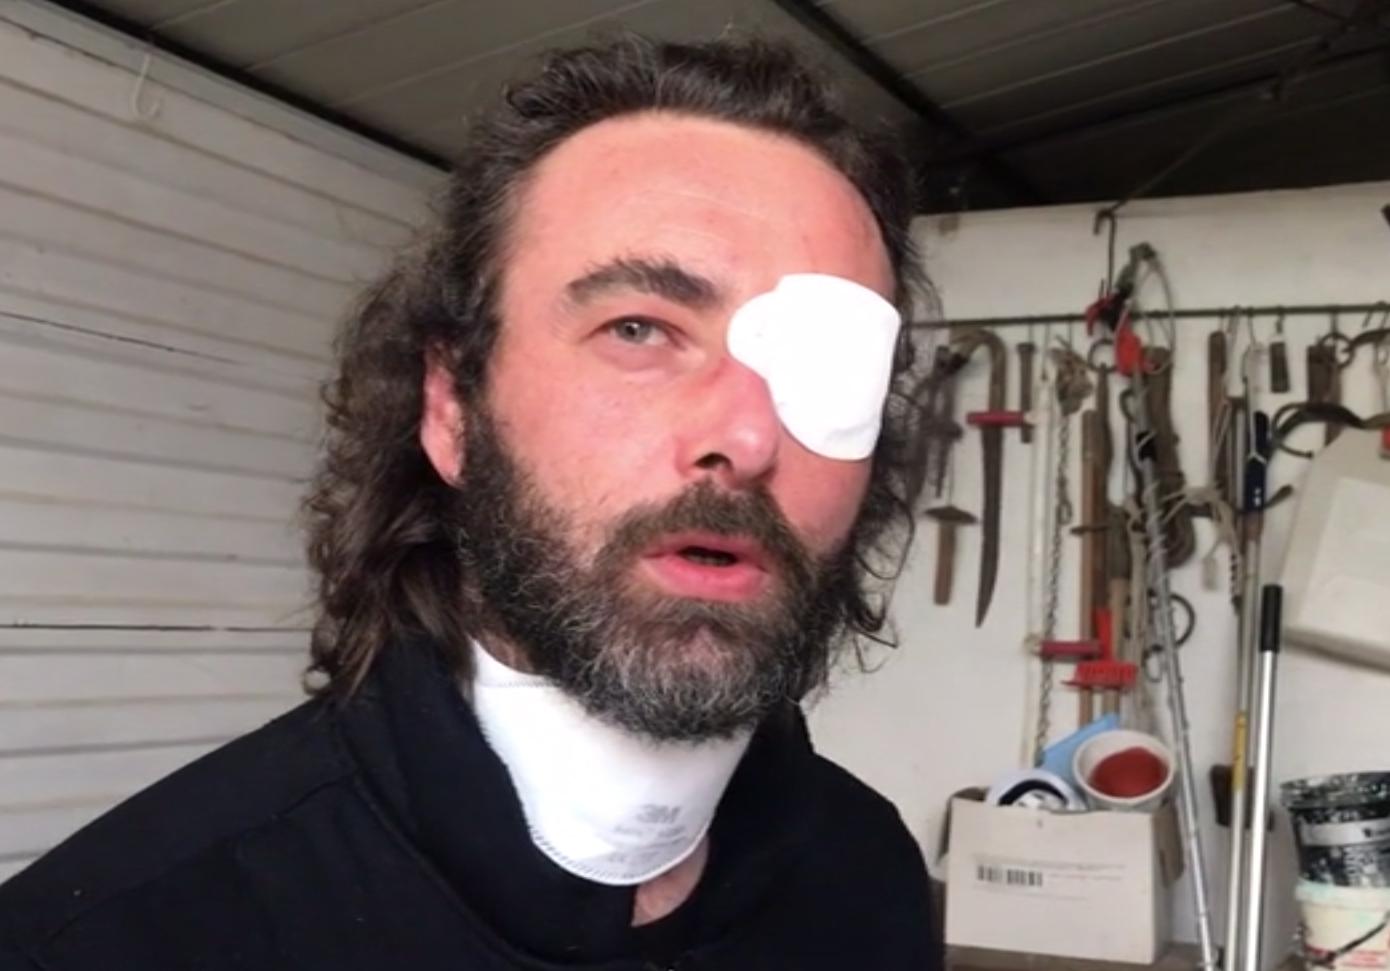 최근 며칠 사이 너무 많이 울어 염증이 생긴 왼쪽 눈에 안대를 착용한 리카르도 체코벨리 전 신부. ANSA 통신